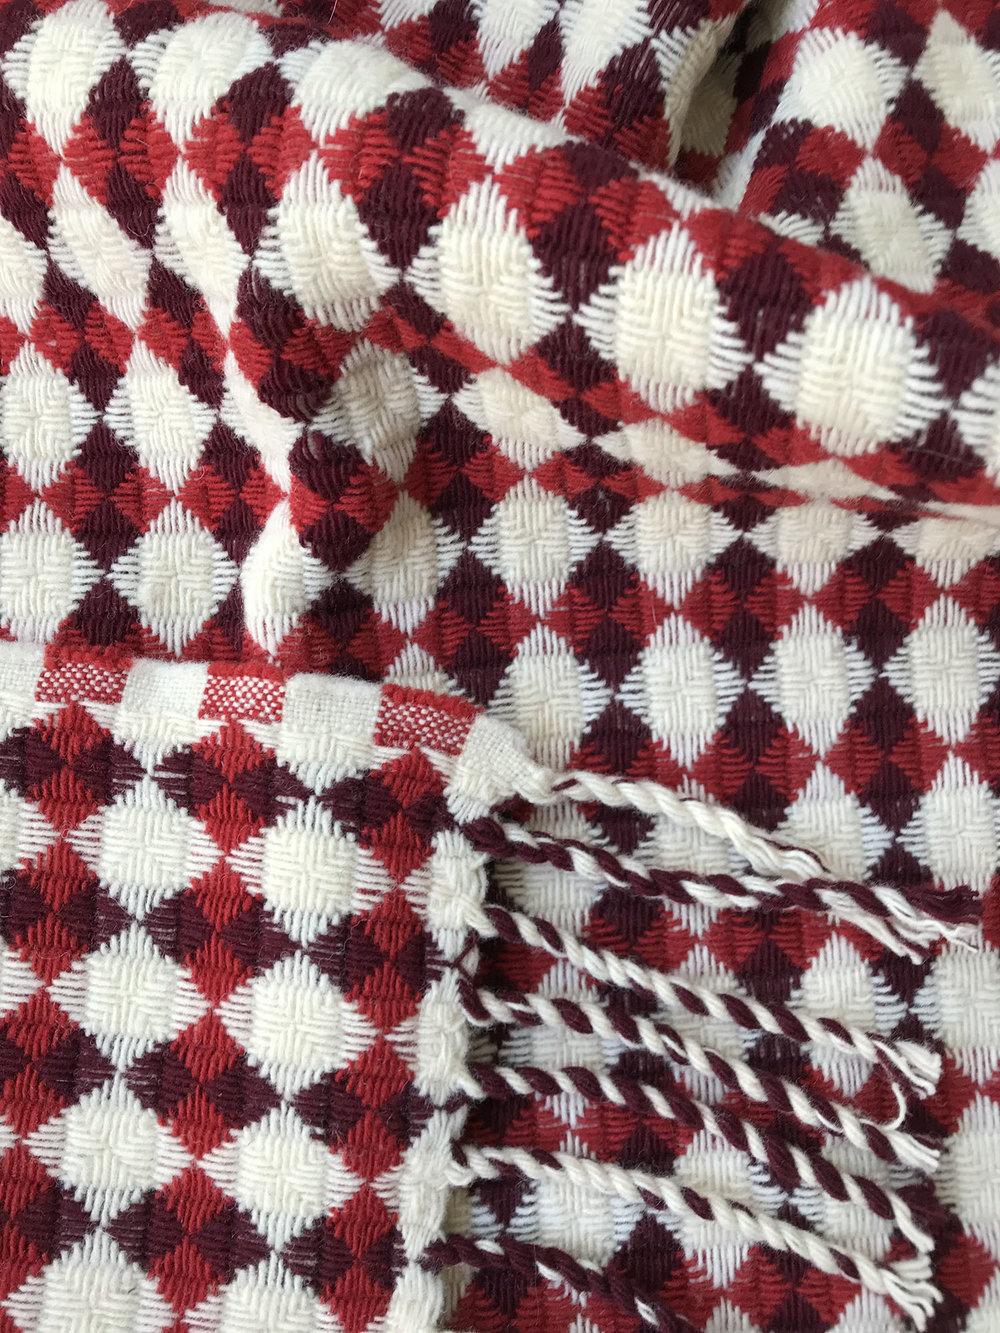 azulejo red bordeaux.jpg